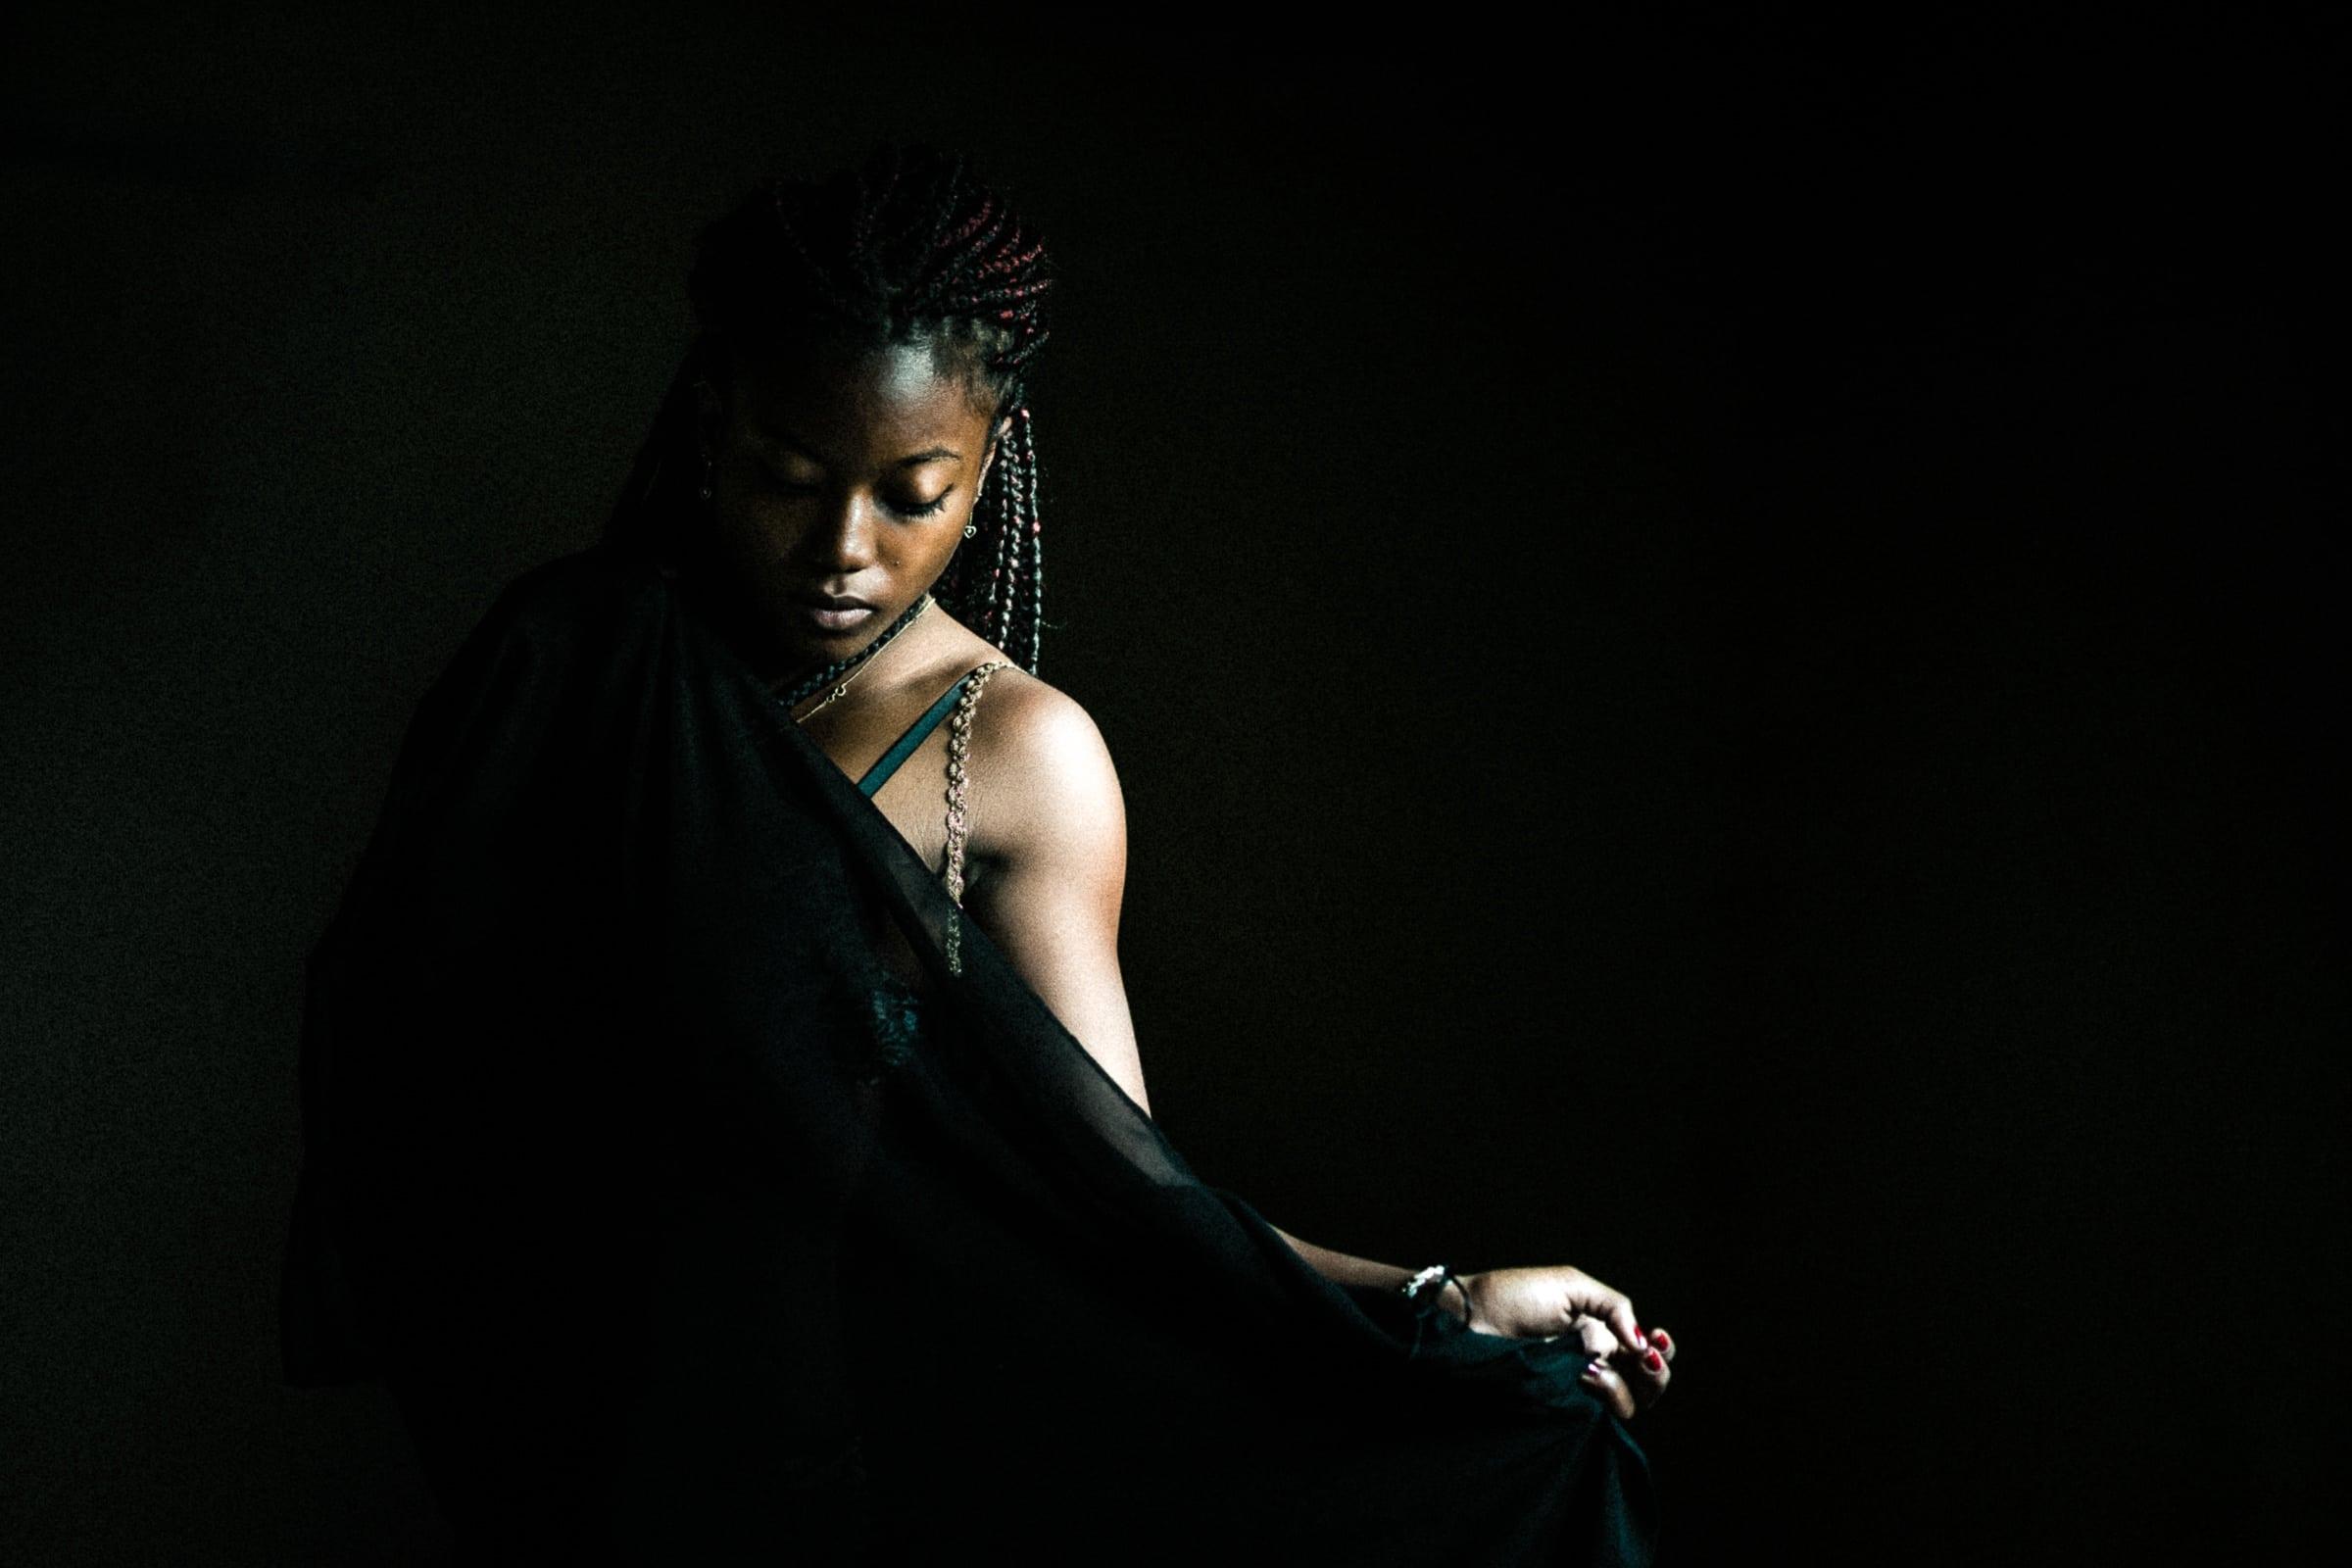 Photographe portrait mode France Orléans Loiret